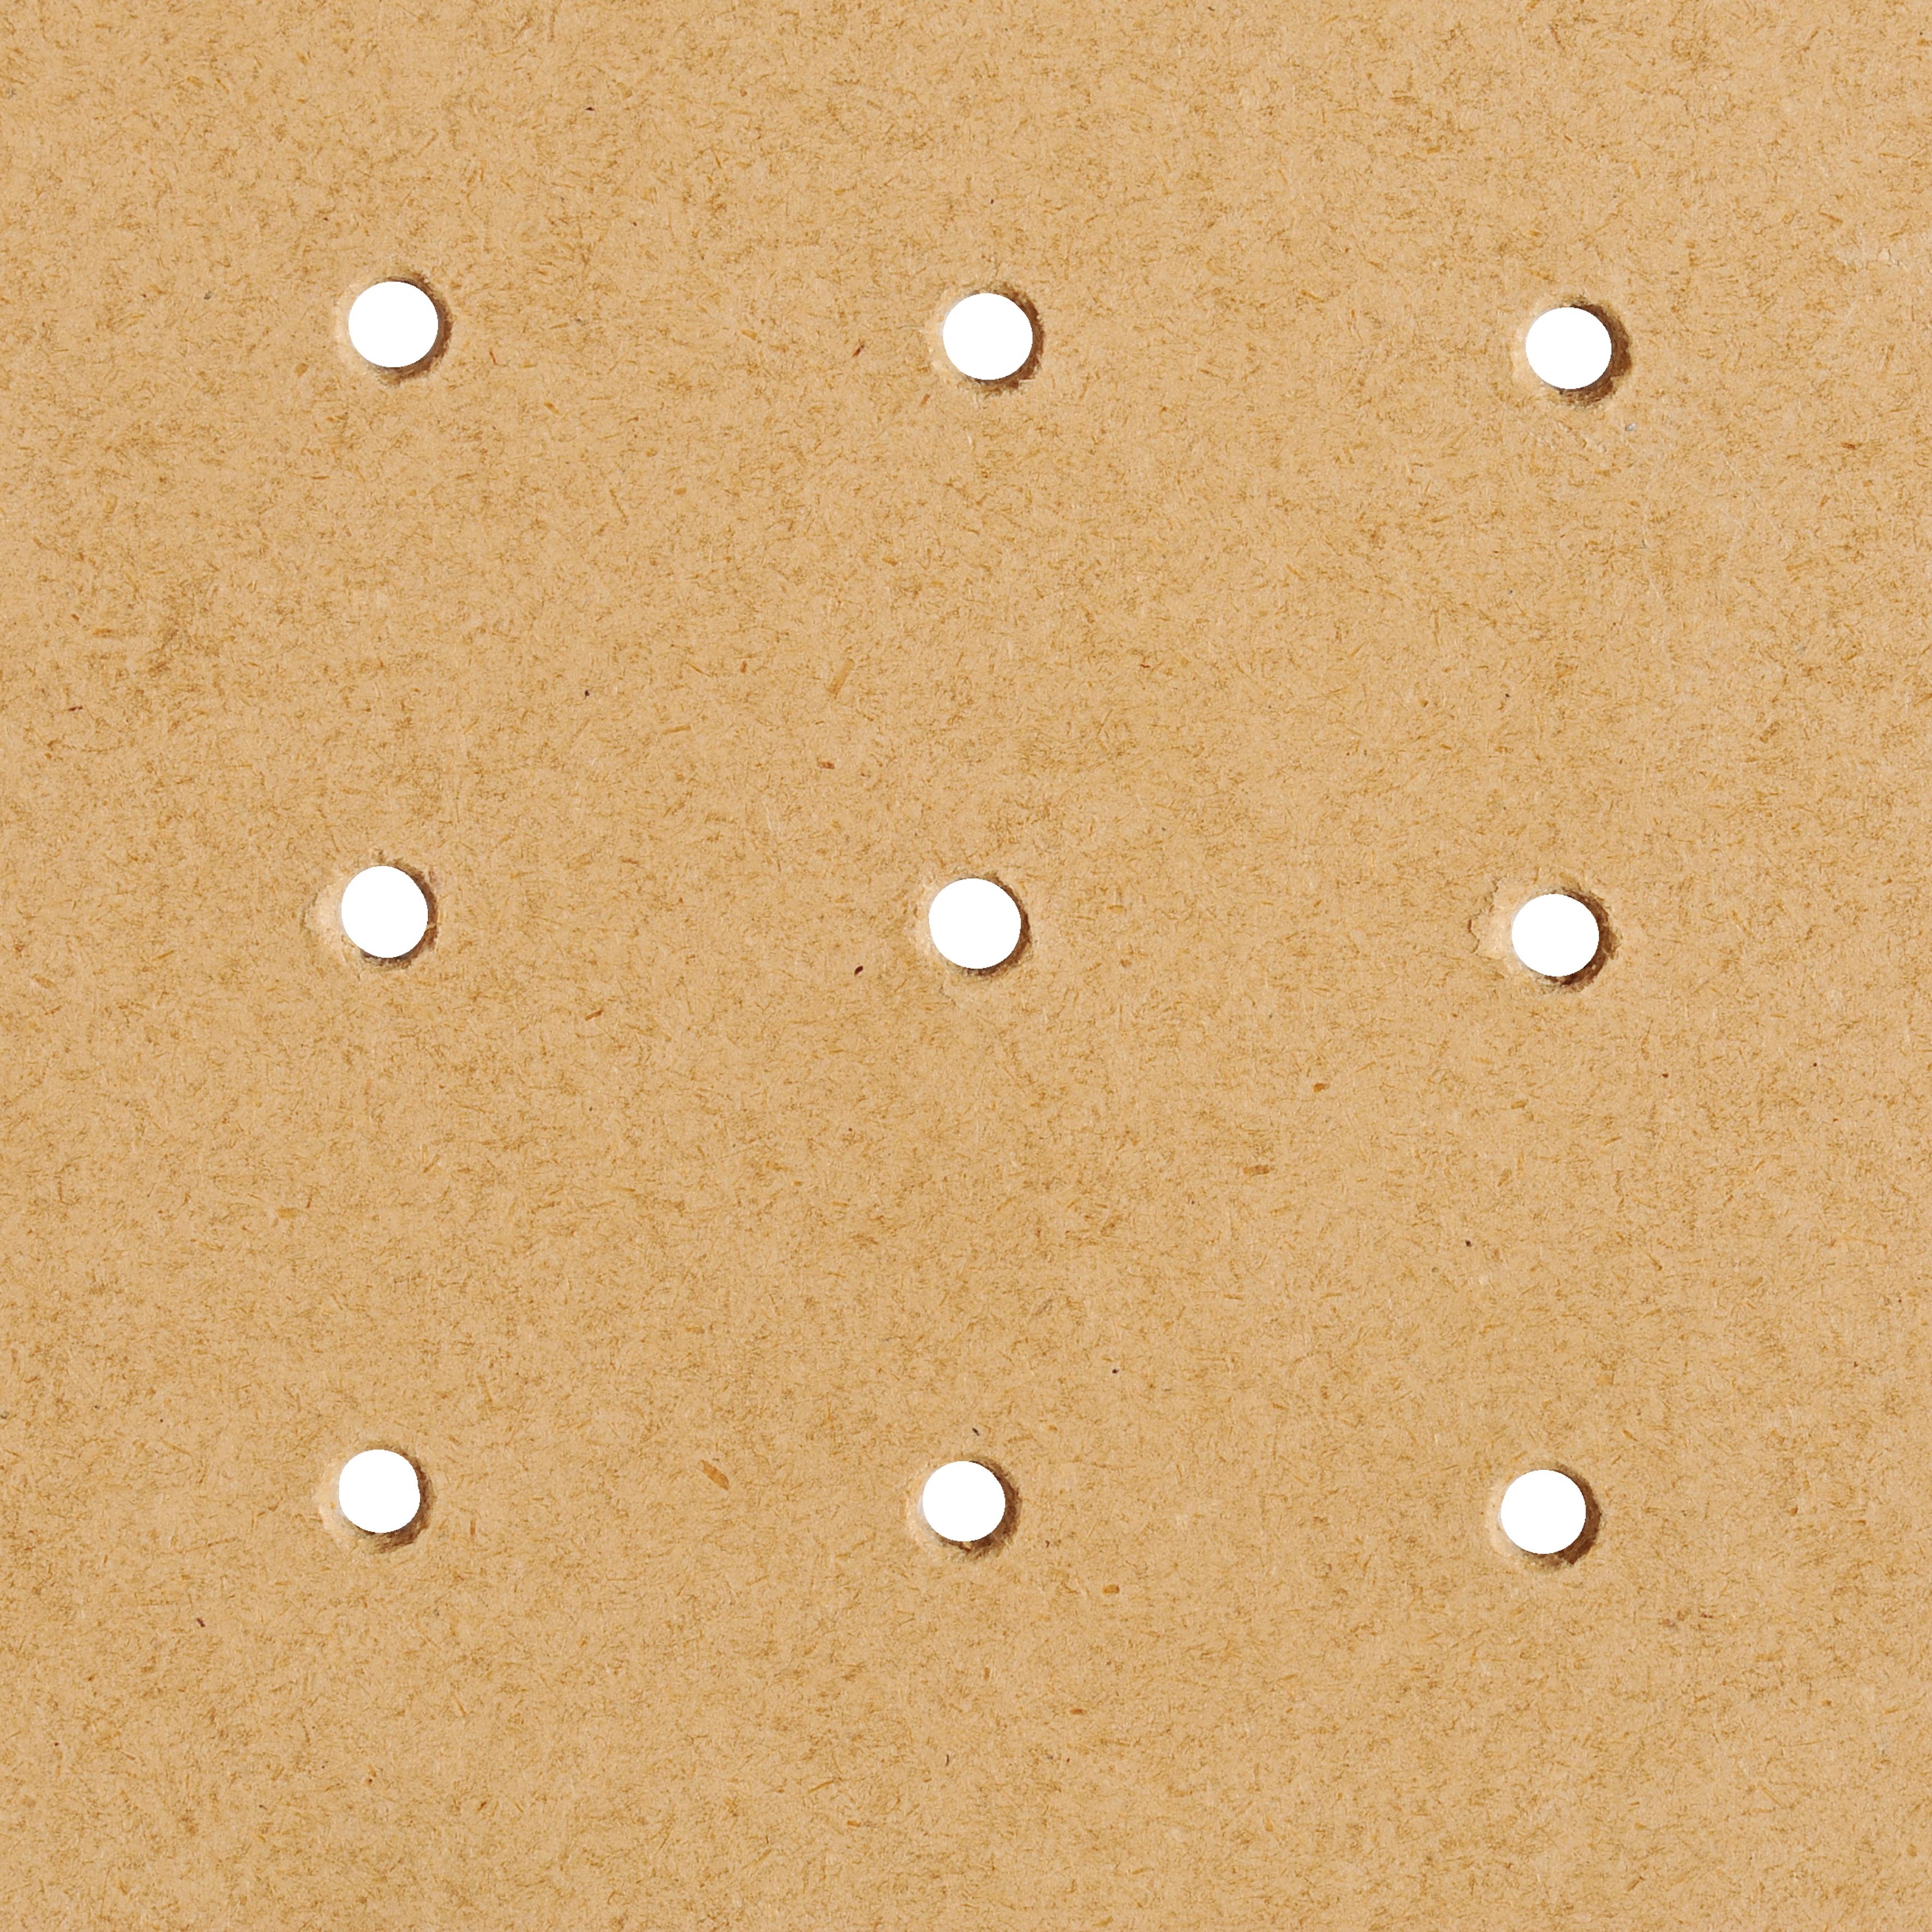 Pannello porta-attrezzi MOTTEZ 60x90 cm in legno 600 x 900 mm - 3